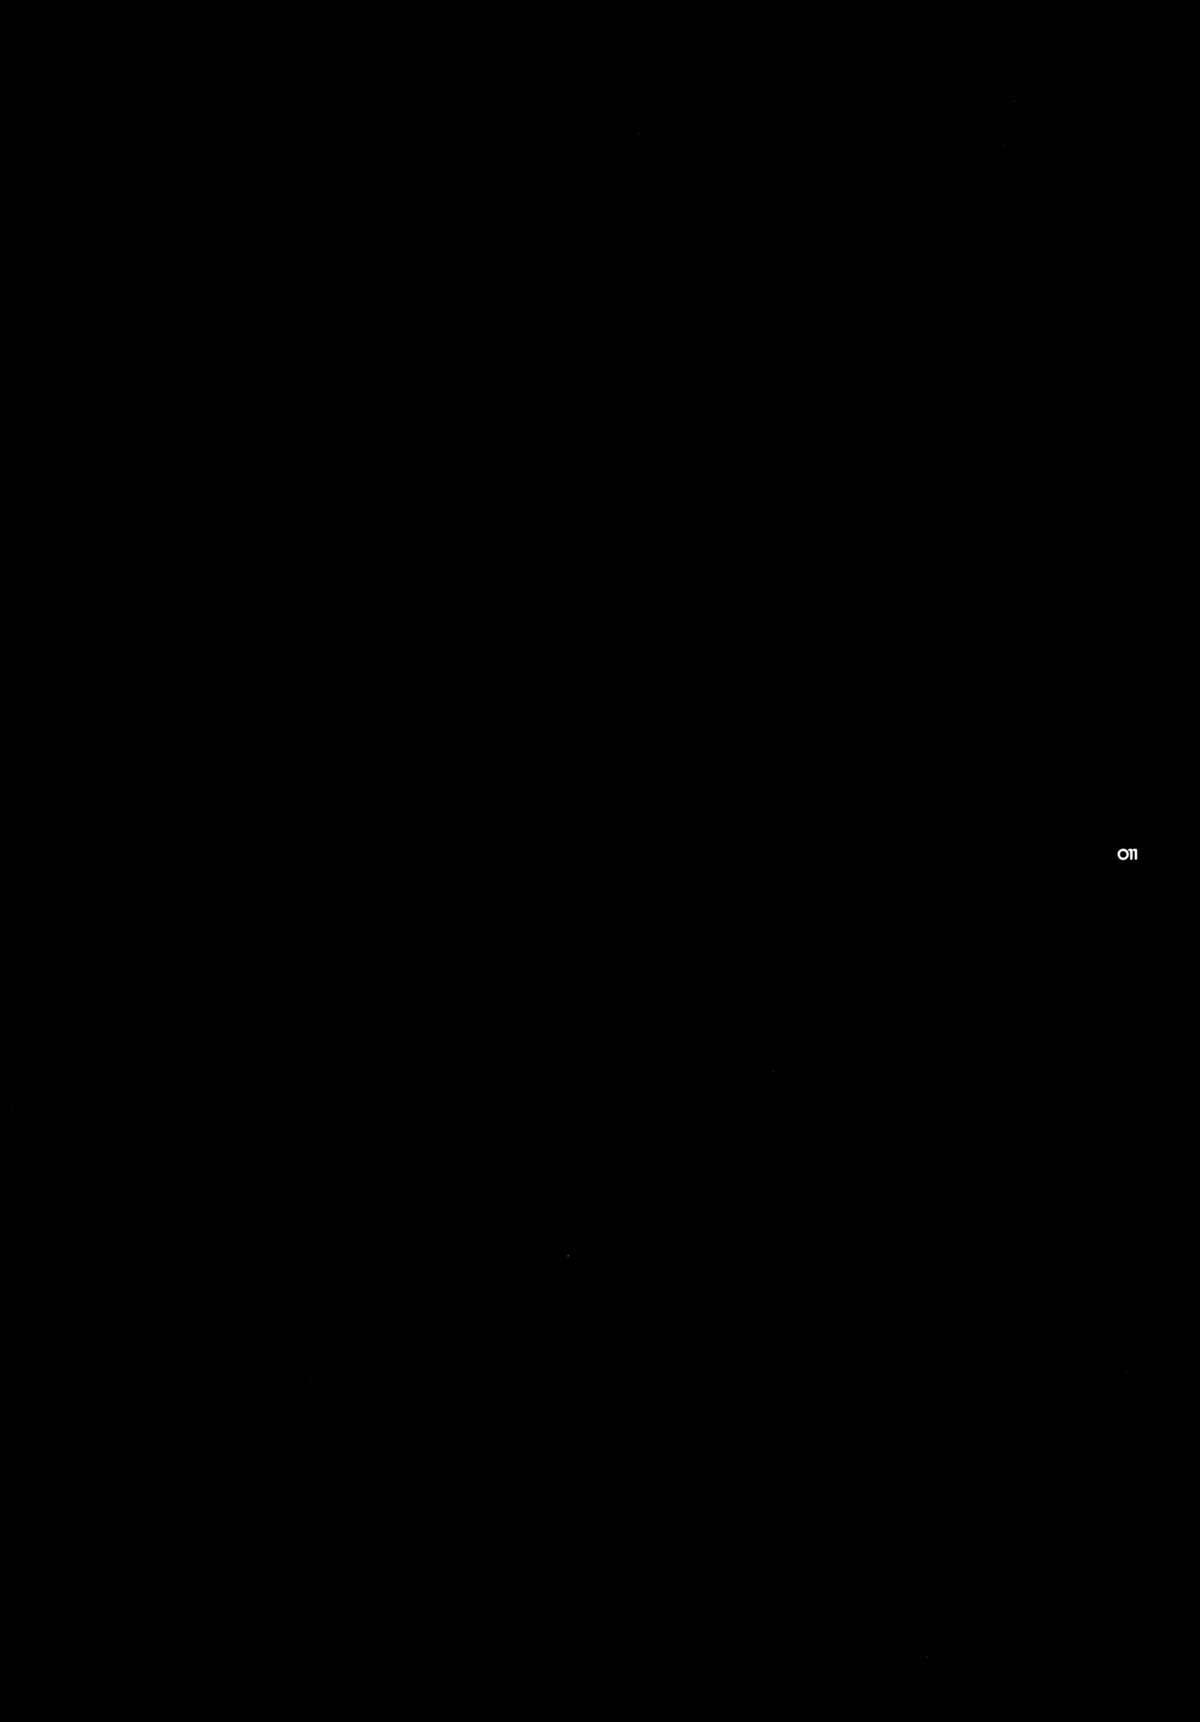 (GONEXT! 4) [Sadistic Mary (Hattori Mitsuka)] Moshimo Oji-san no Sponsor ga Kikan Gentei de Toaru Onahole Maker ni Natta to   What if the Oji-san's sponsor is an onahole maker for a certain time (TIGER & BUNNY) [English] [desudesu] 9